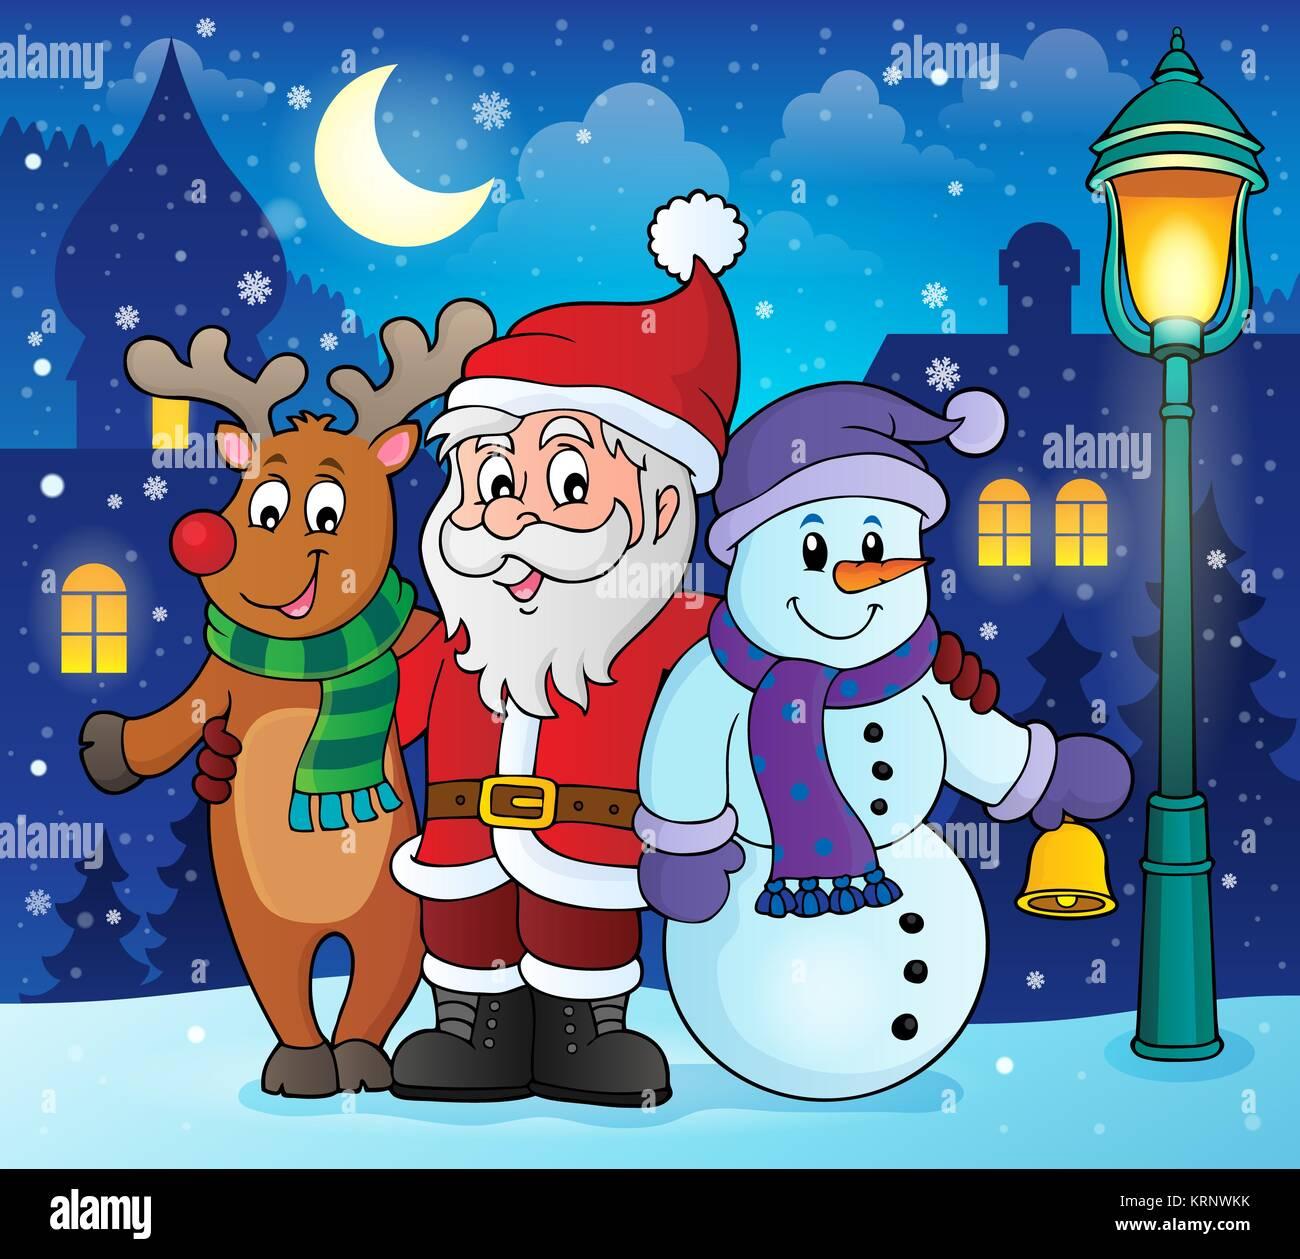 Weihnachten zeichen Thema Bild 2 Stockfoto, Bild: 169511543 - Alamy